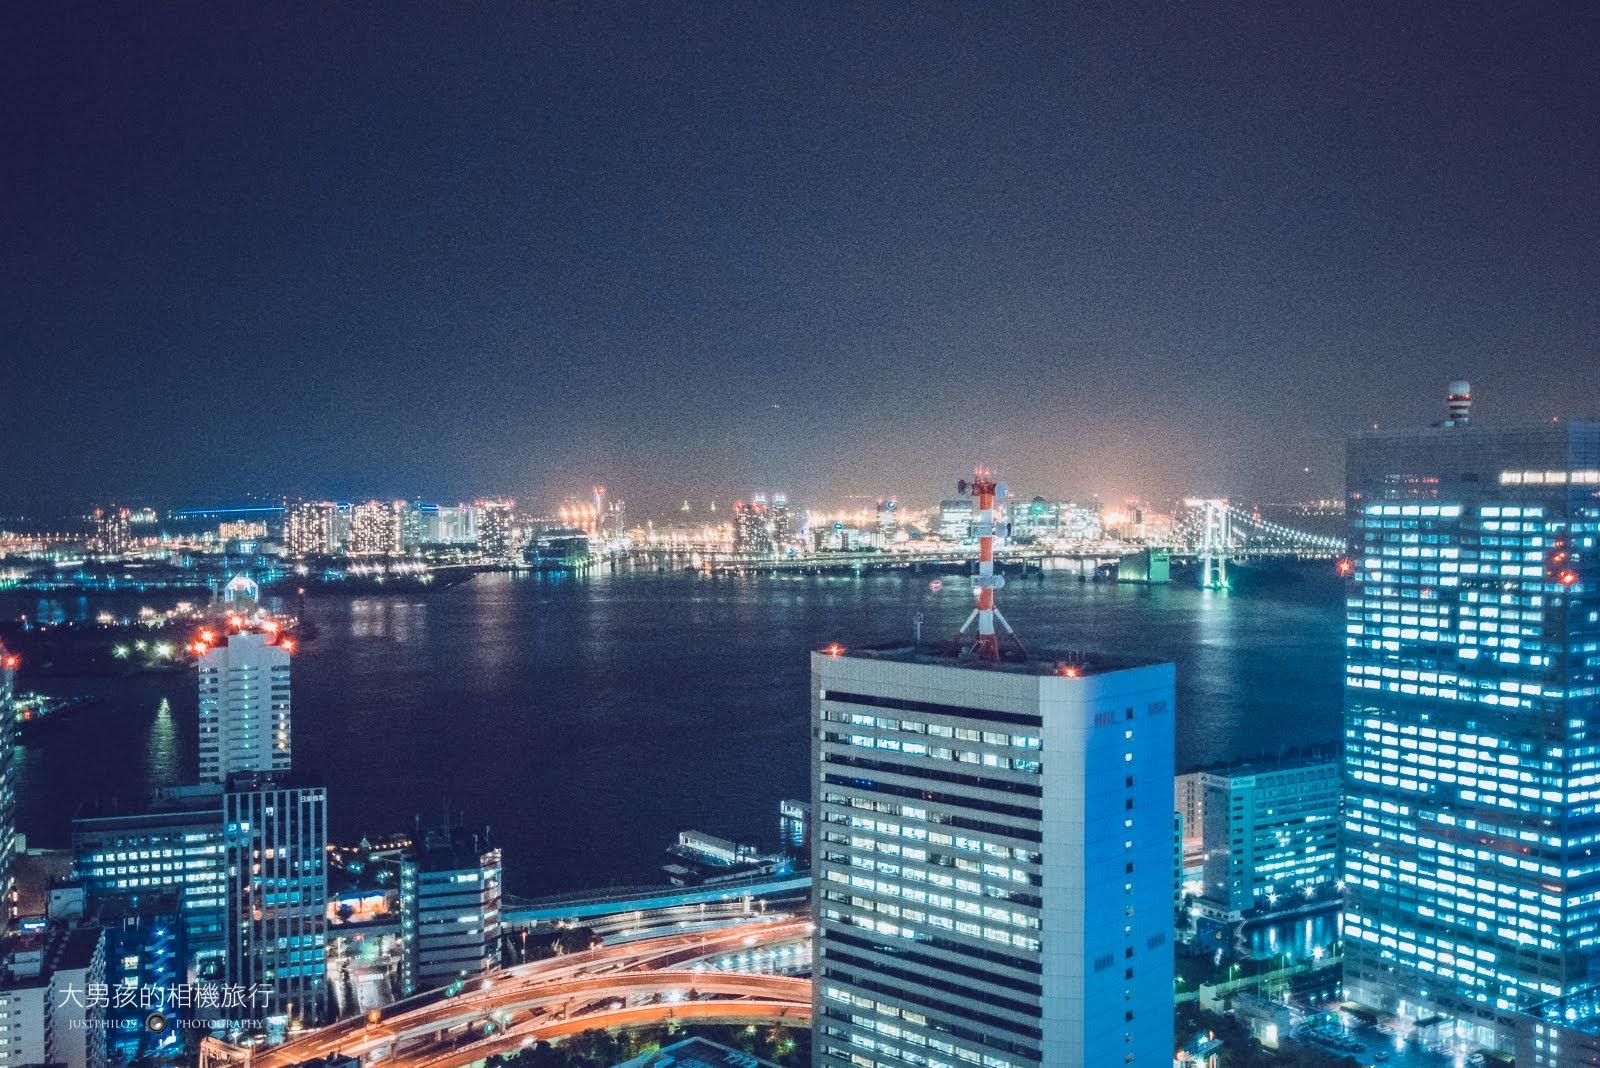 世貿大樓可遠眺位於台場的彩虹大橋與東京灣夜景。